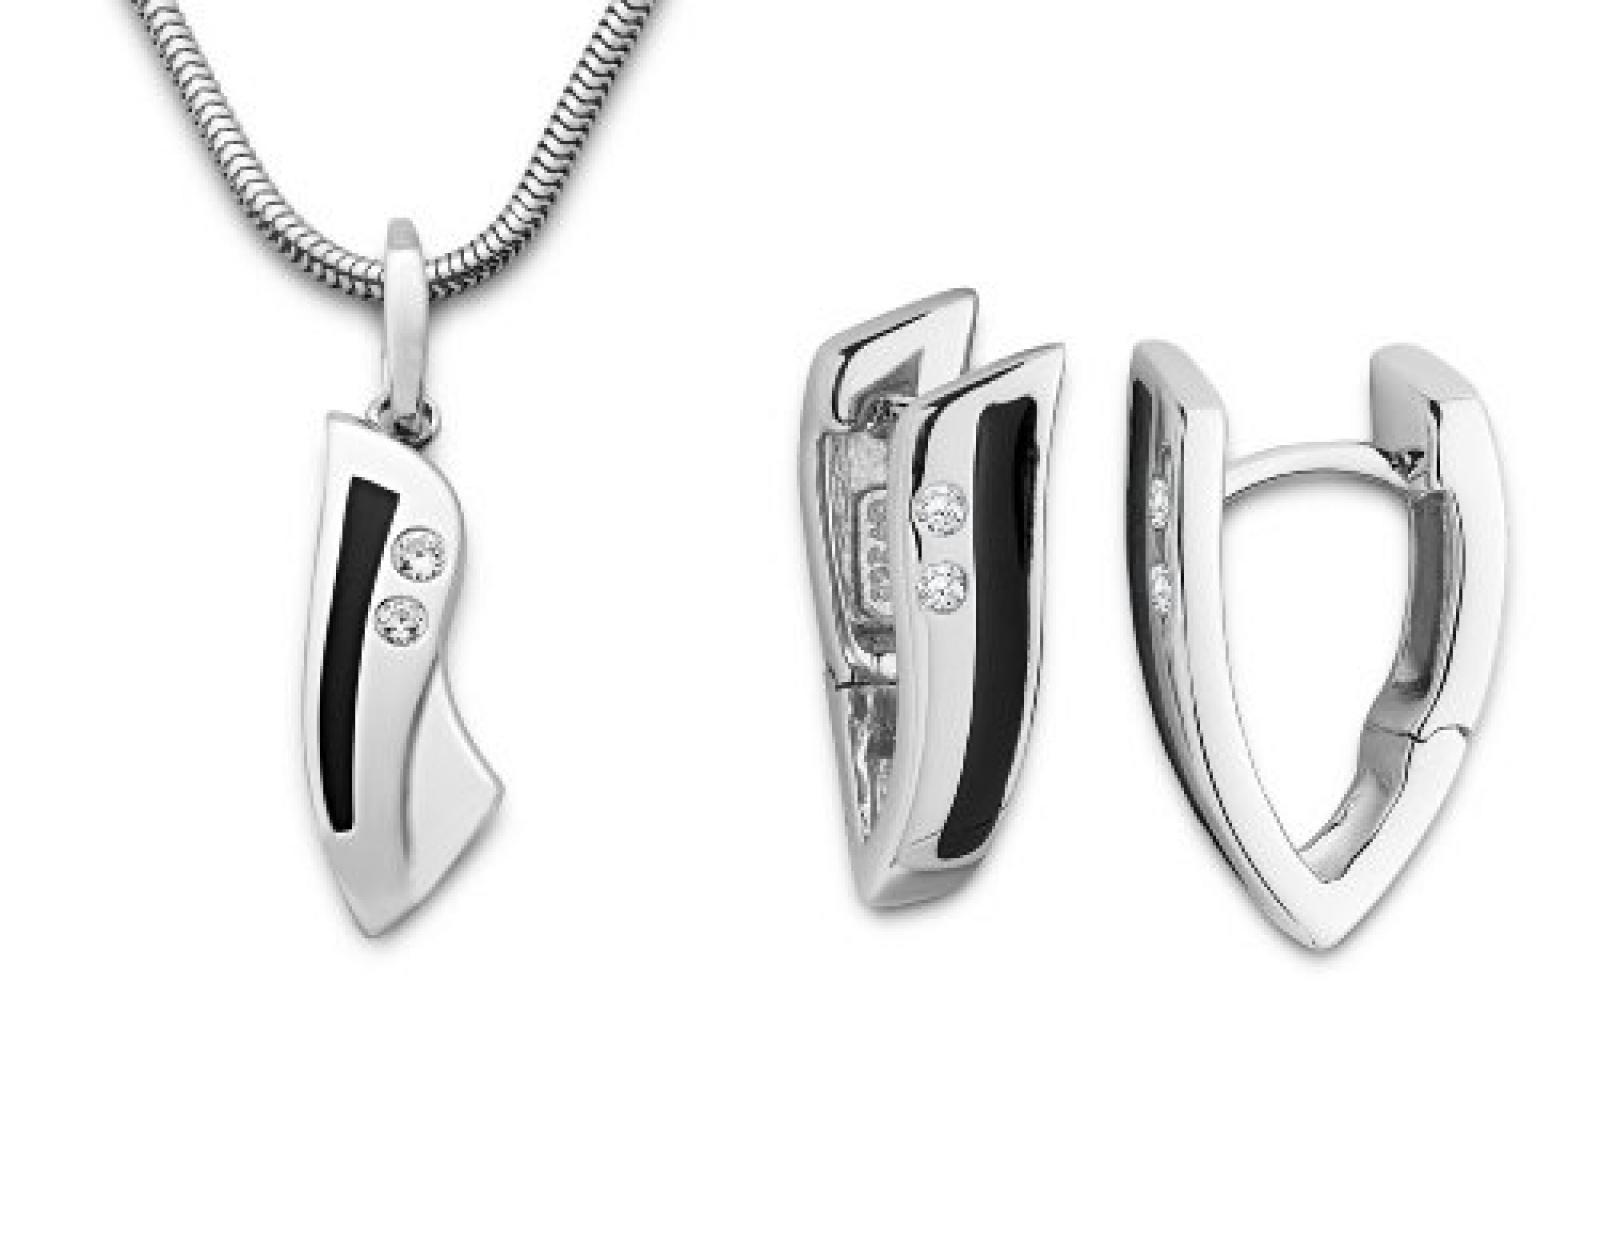 Miore Damen-Set: Halskette + Ohrringe Zirkonia und Emaille schwarz Sterling Silber 925 MSET014